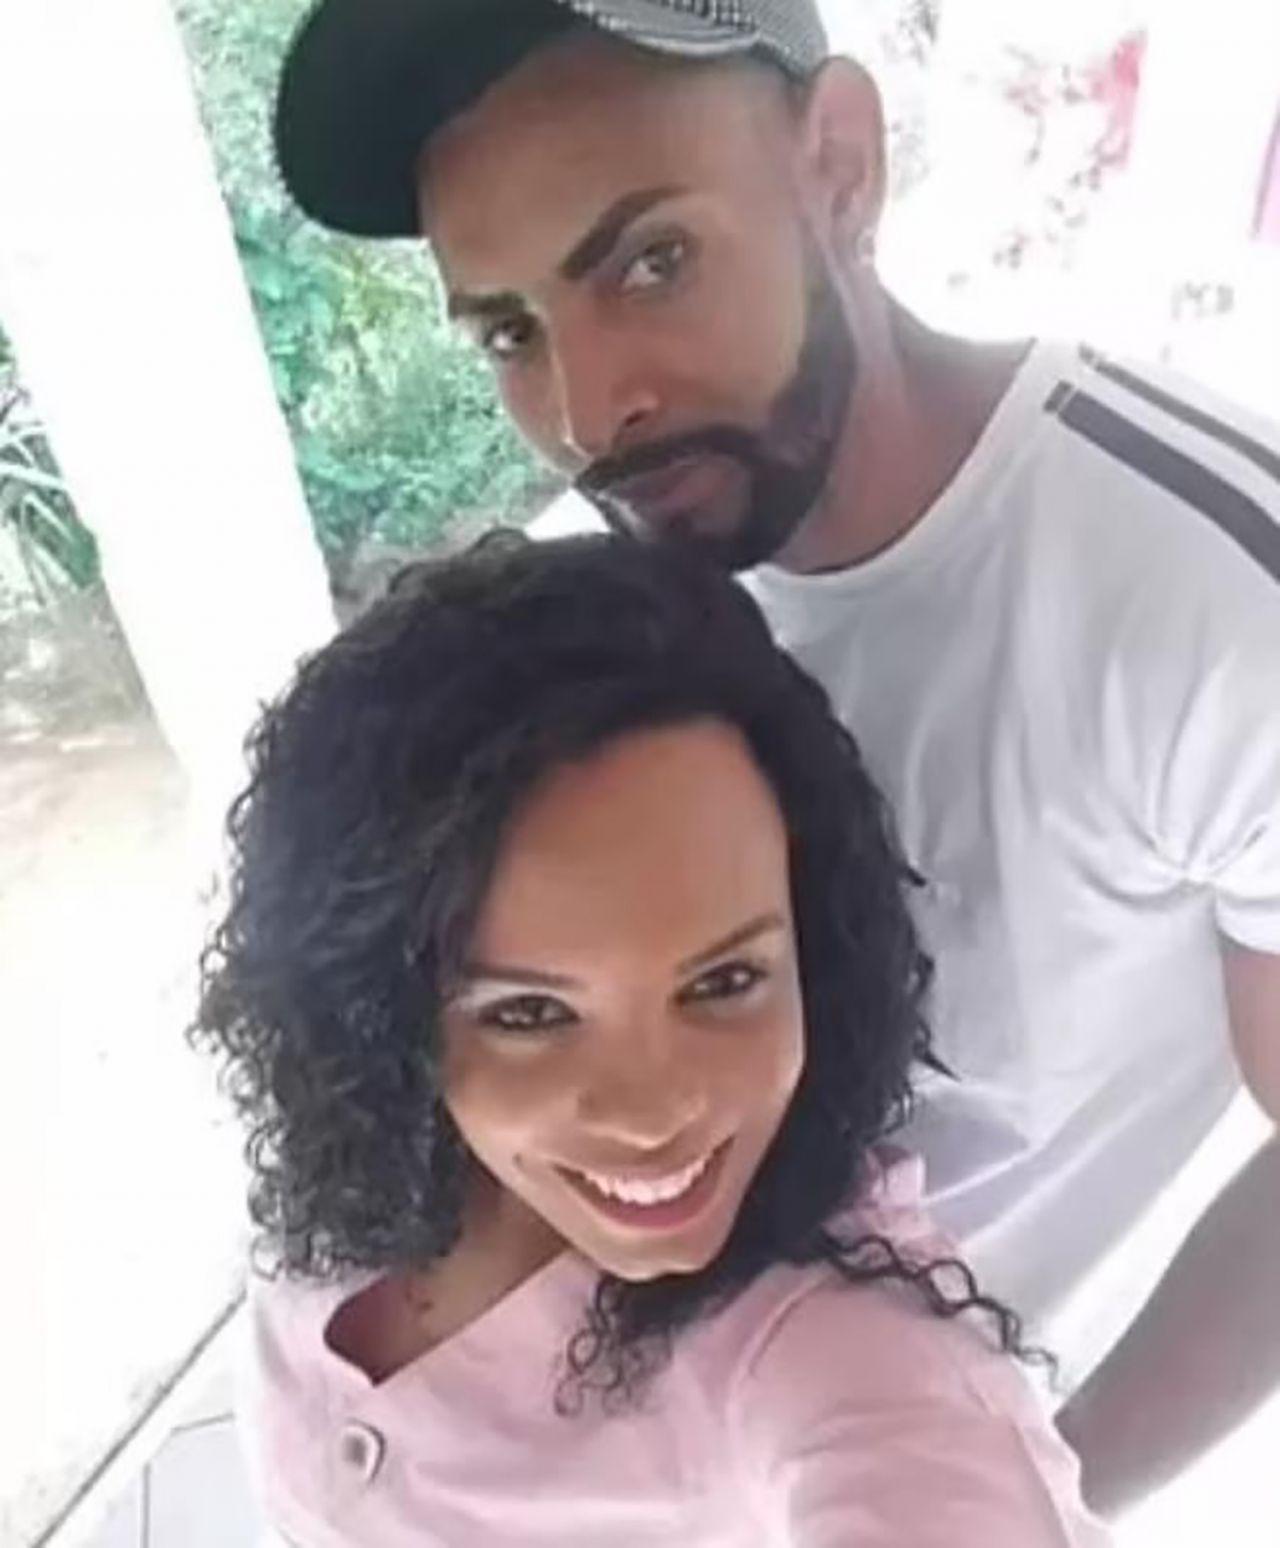 Vallahi pes:Tartıştığı kocasını öldürdü, cinsel organını kesip tavada kızarttı - Resim: 2